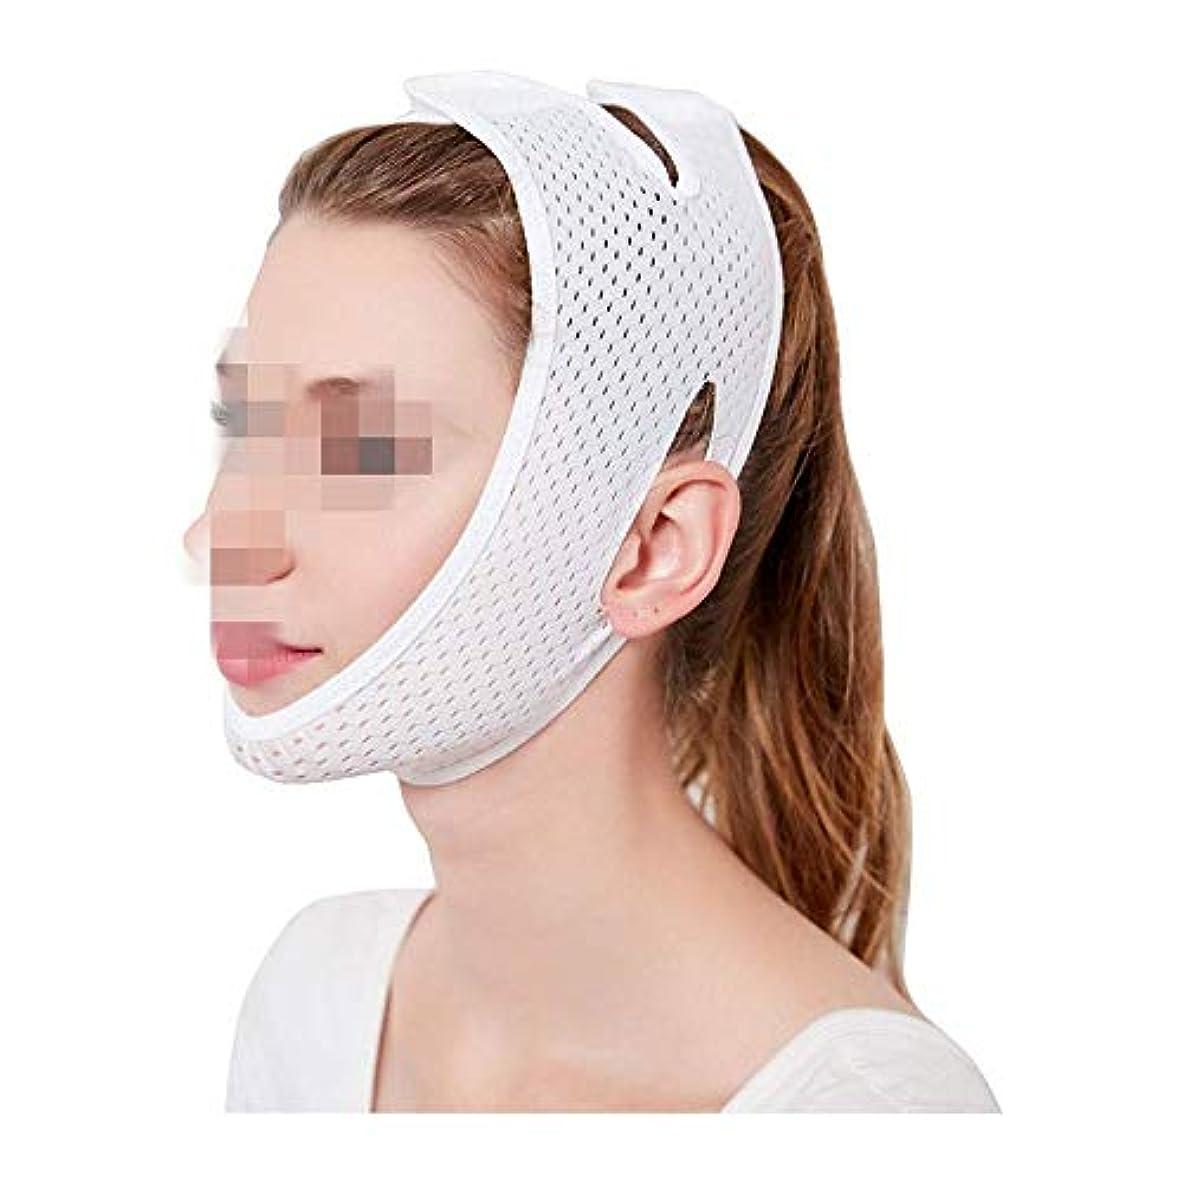 摂氏ポイント雰囲気HEMFV 顔のリフティングスリミング弾性ベルト、女性のためのVラインチンチークリフトアップバンド、二重あごケア減量Vフェイスアンチリンクル包帯補正ベルト